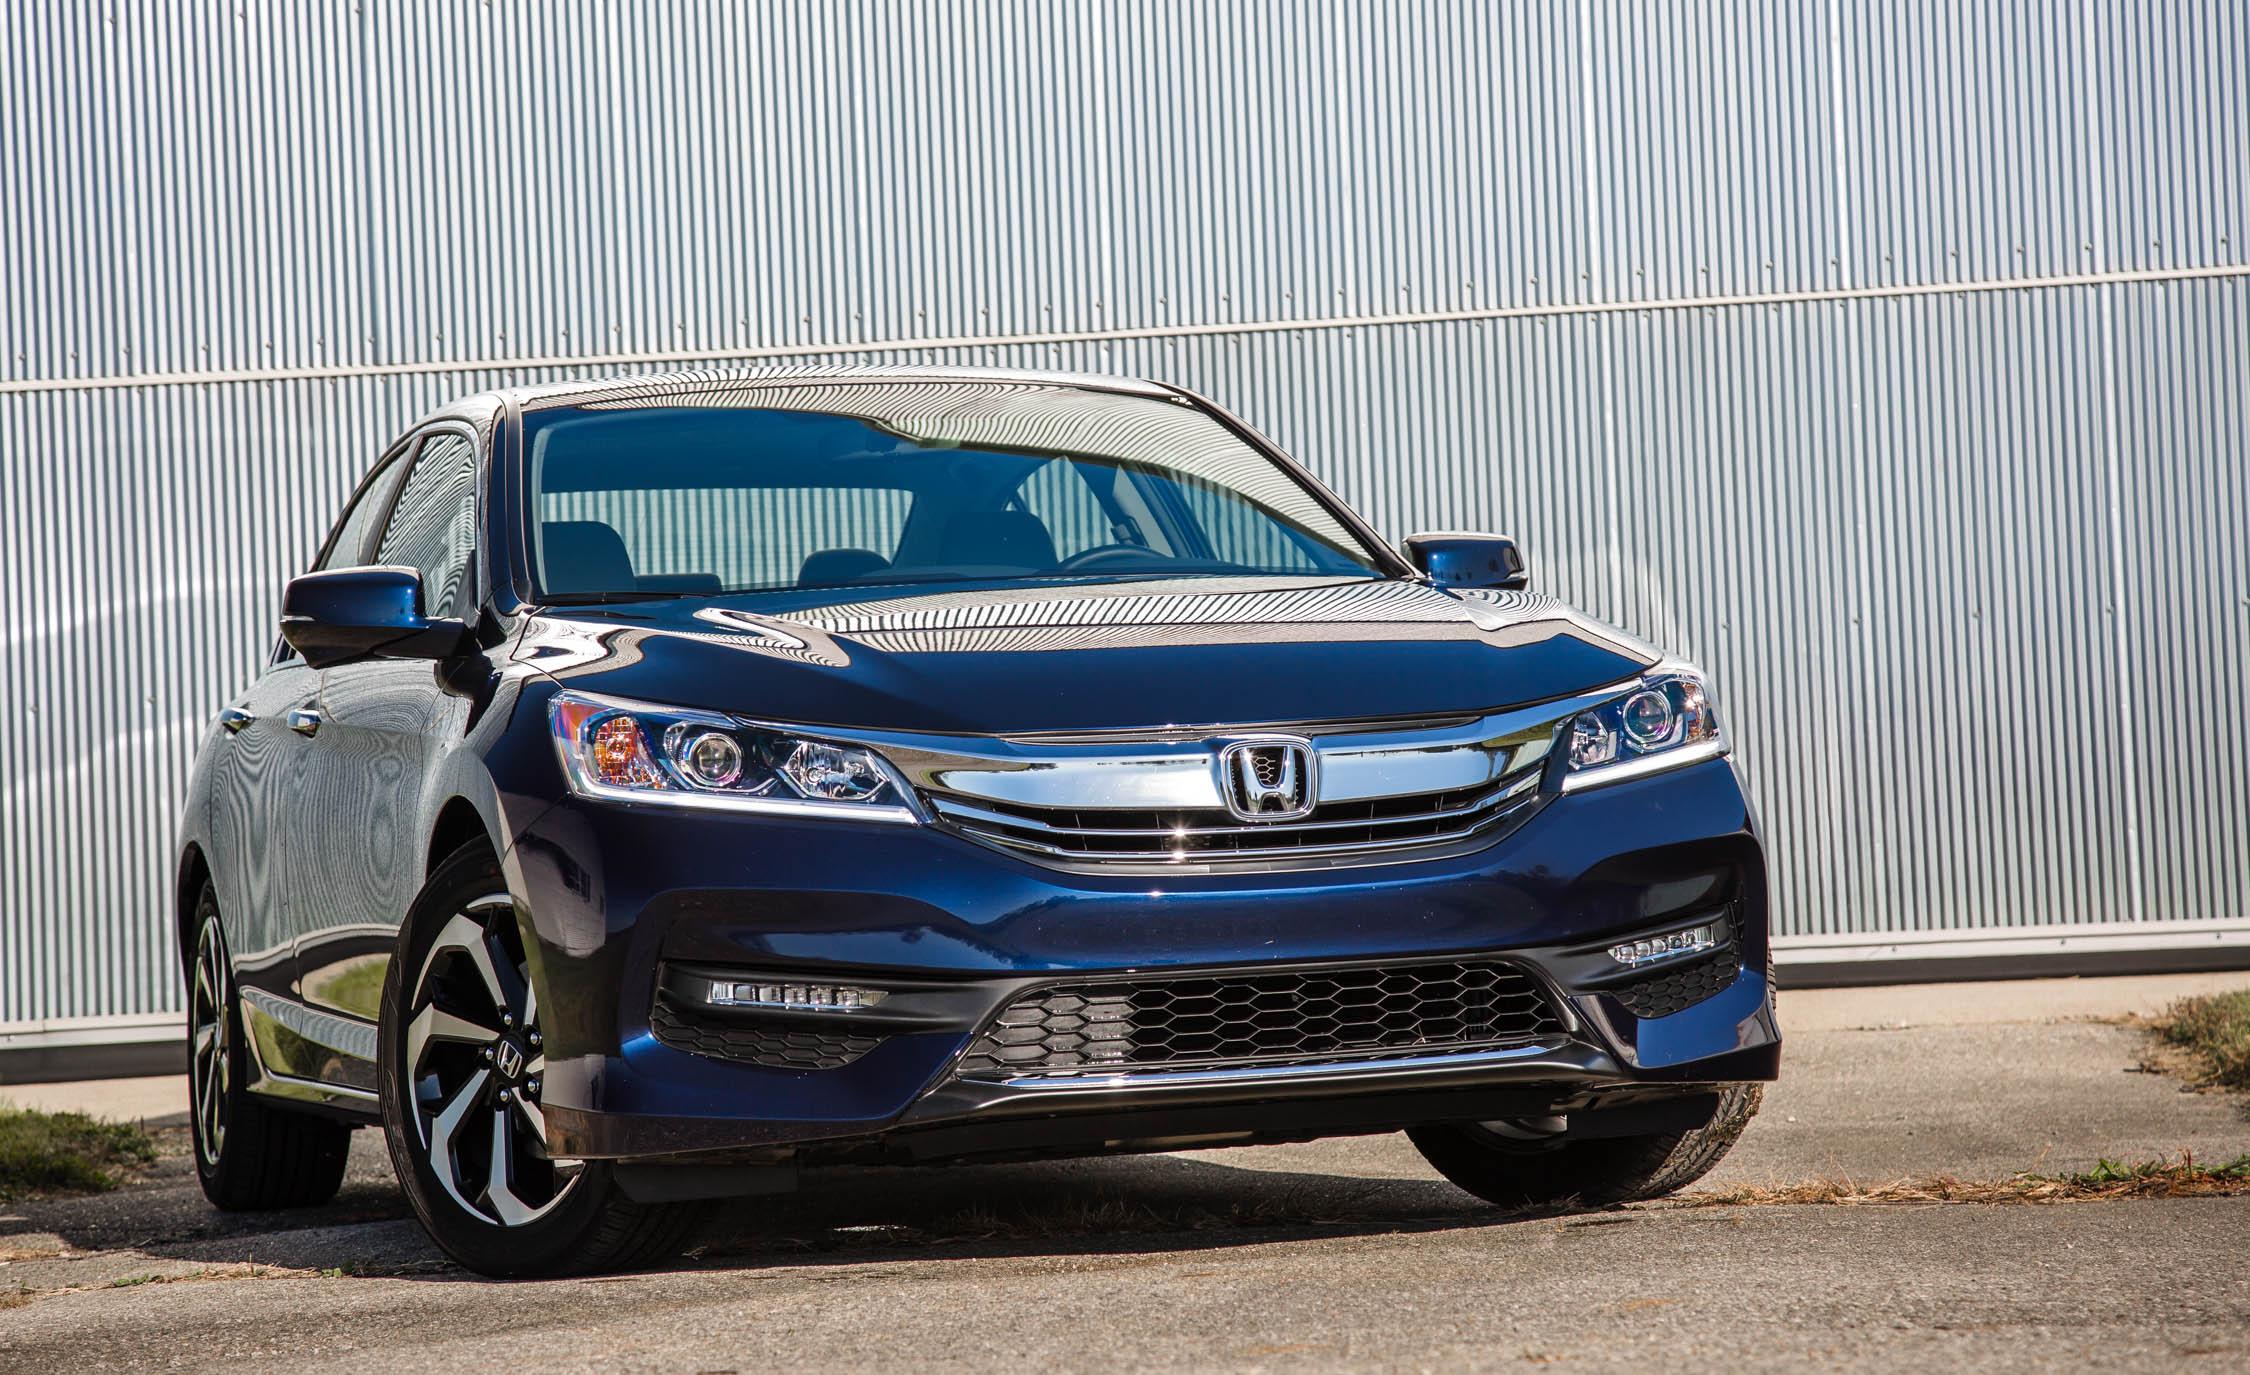 2016 Honda Accord EX Exterior Front